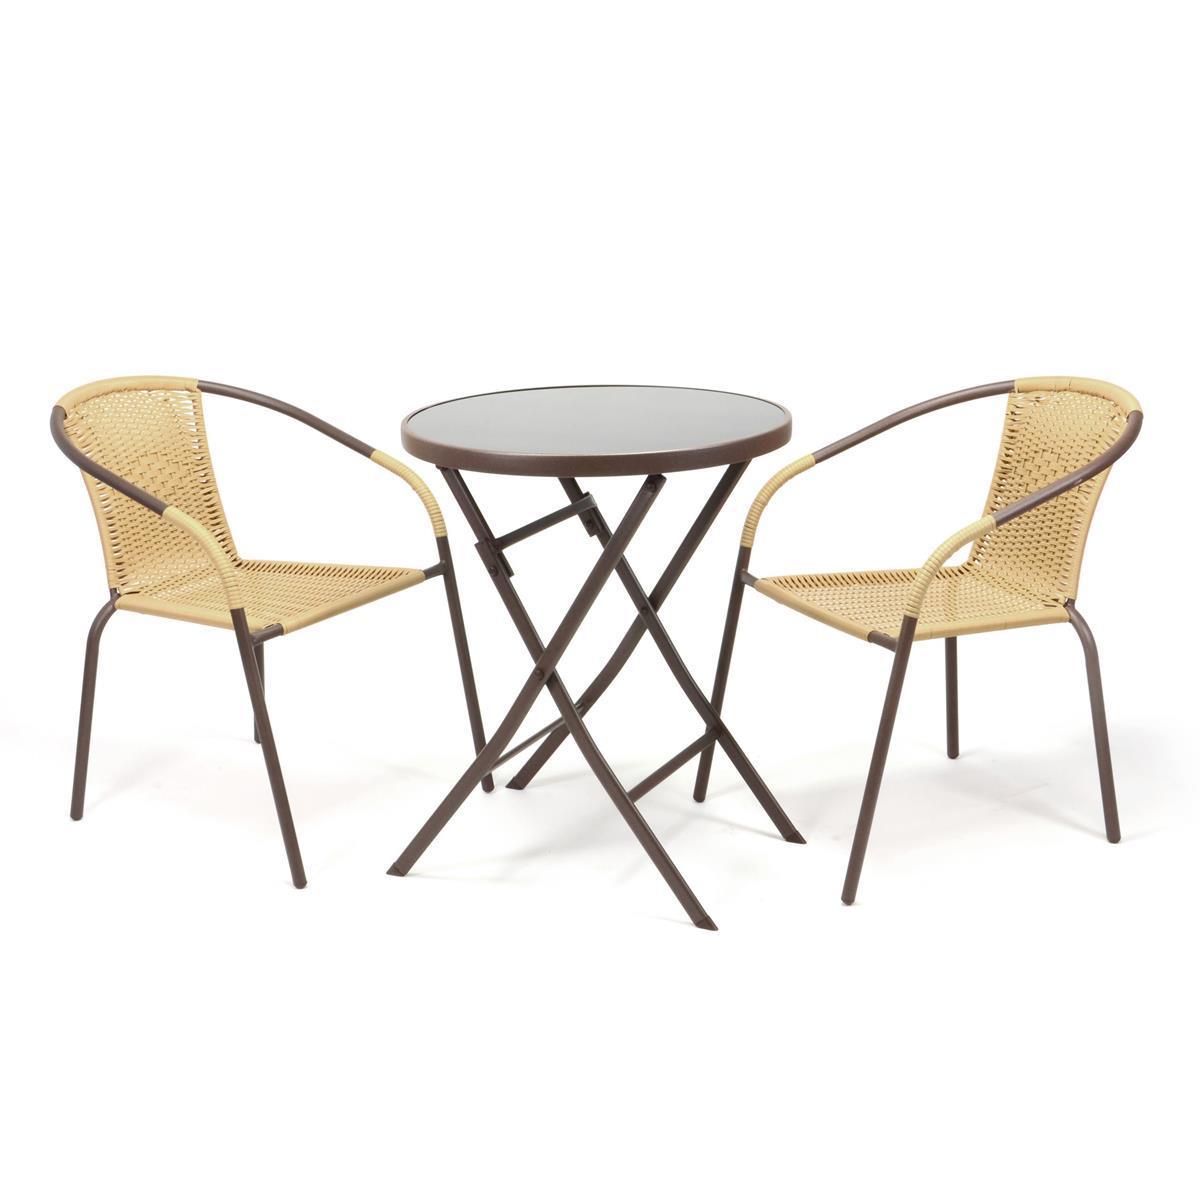 Bistroset Balkonset beige Sitzgarnitur aus Klapptisch + Bistrostuhl Polyrattan